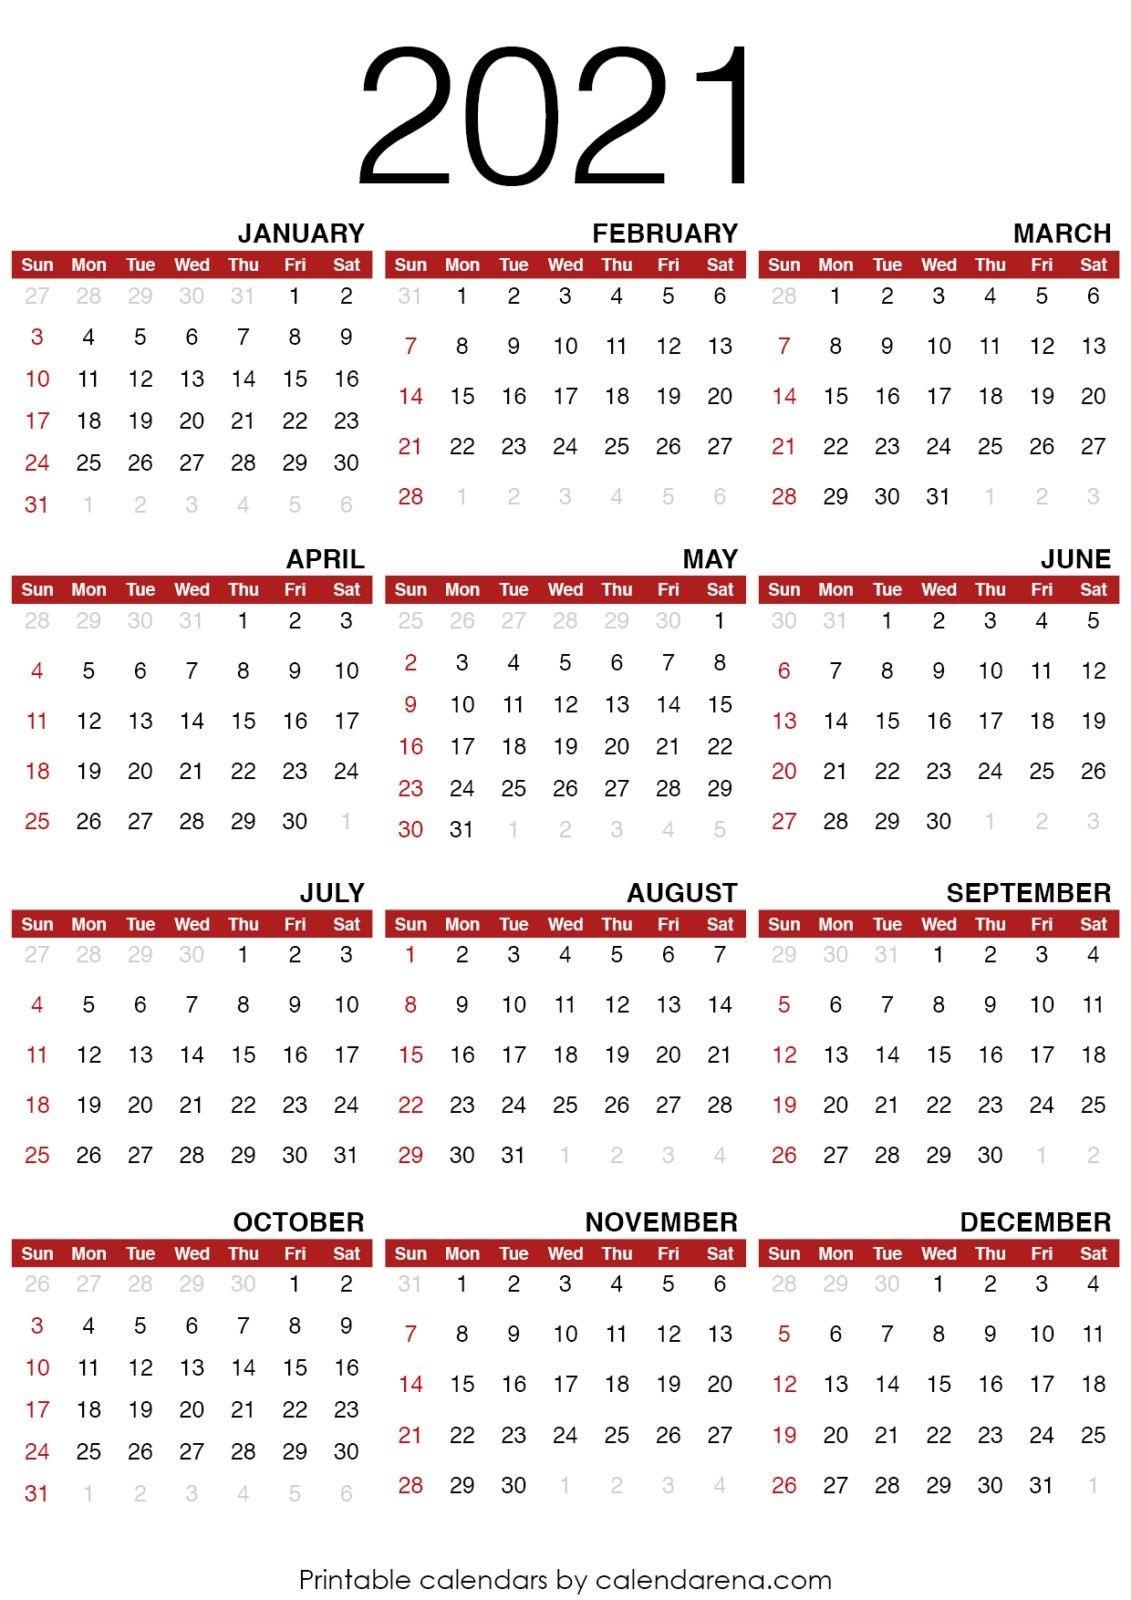 2021 Calendar : Blank Calendar Printable - Calendarena